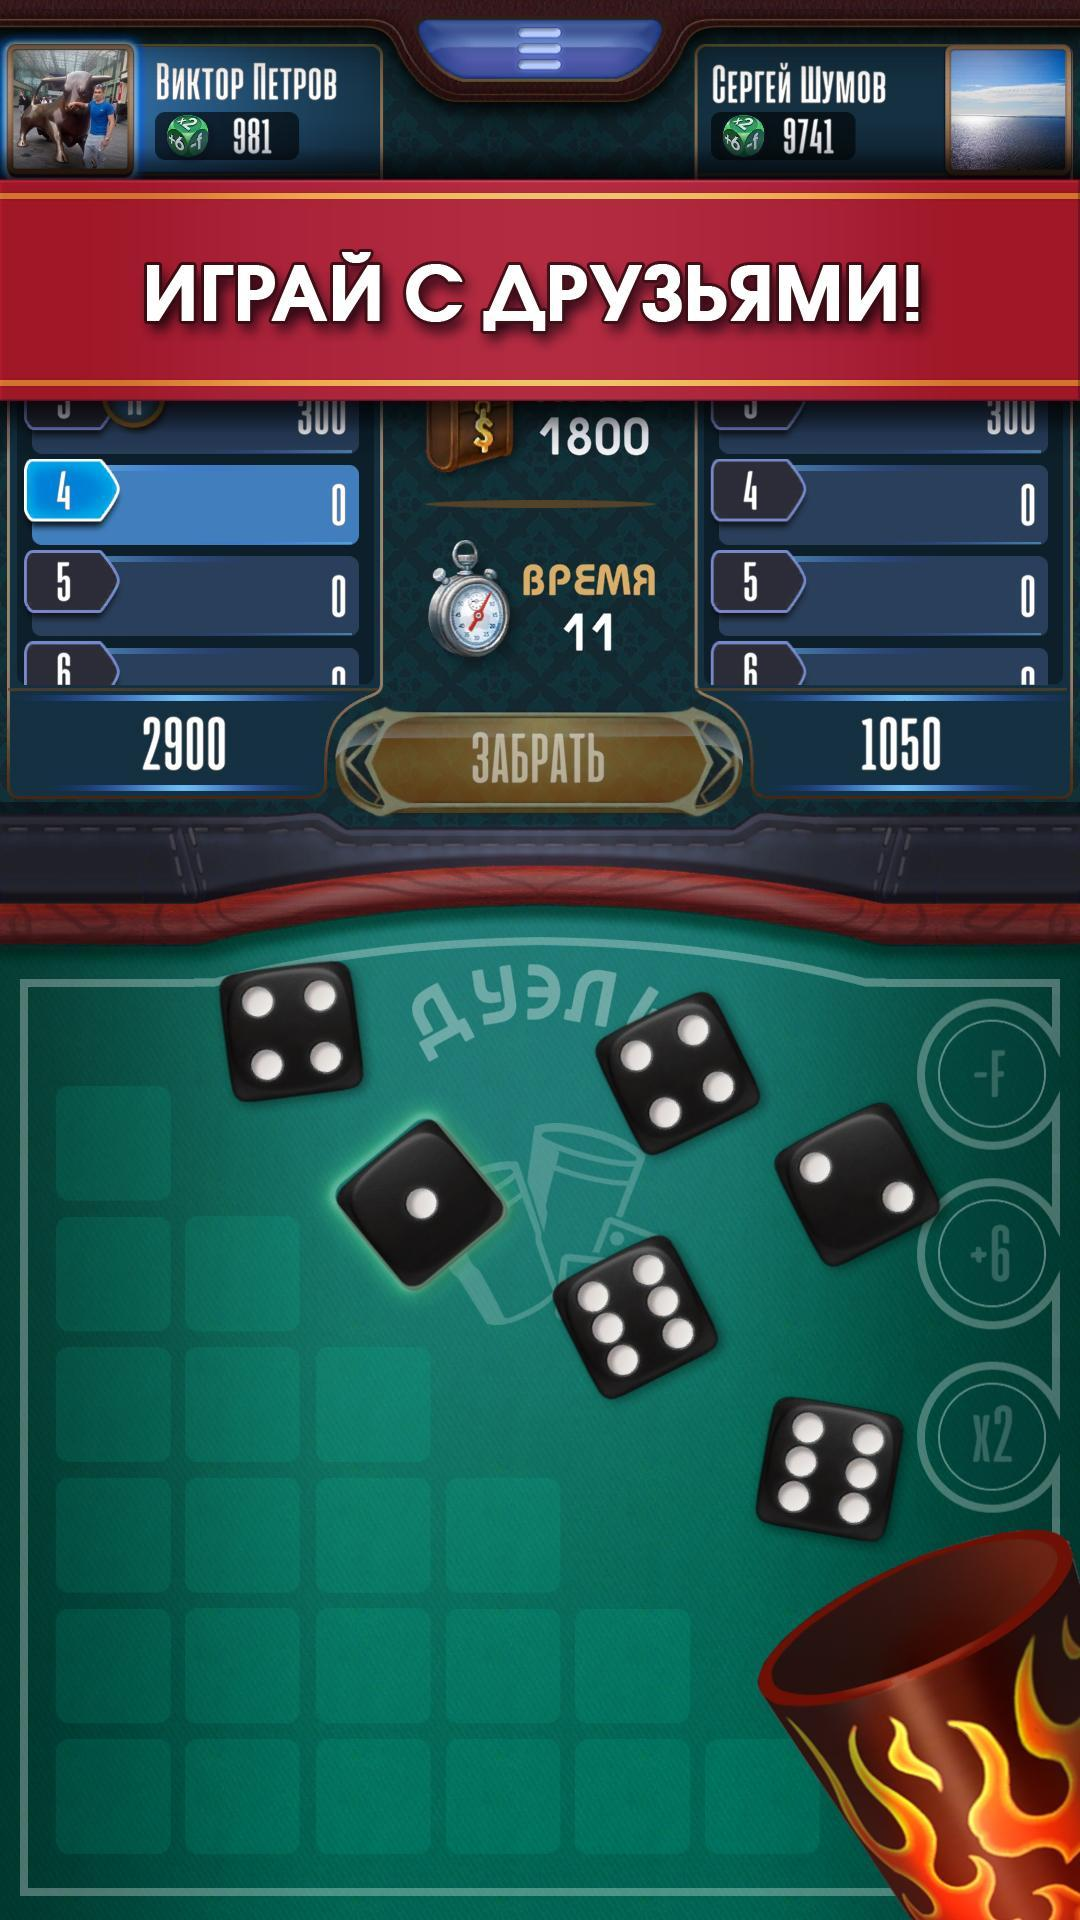 Скачать в онлайне бесплатно игру покер на игровые автоматы mega jack скочать эту игру